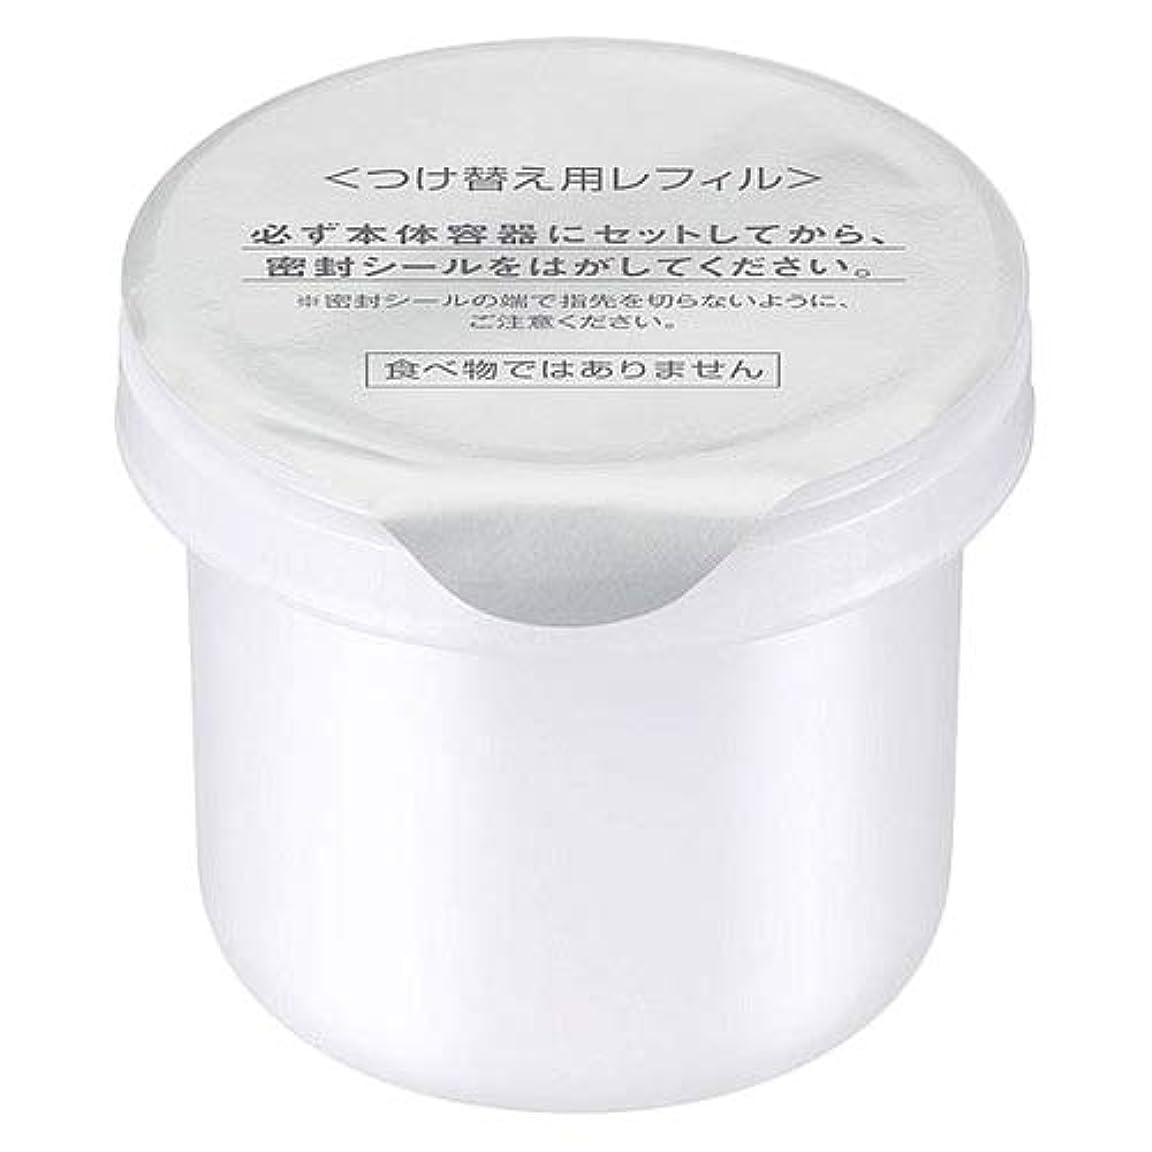 代替修羅場マイナーカネボウ デュウ KANEBO DEW ブライトニングクリーム (レフィル) 30g [並行輸入品]